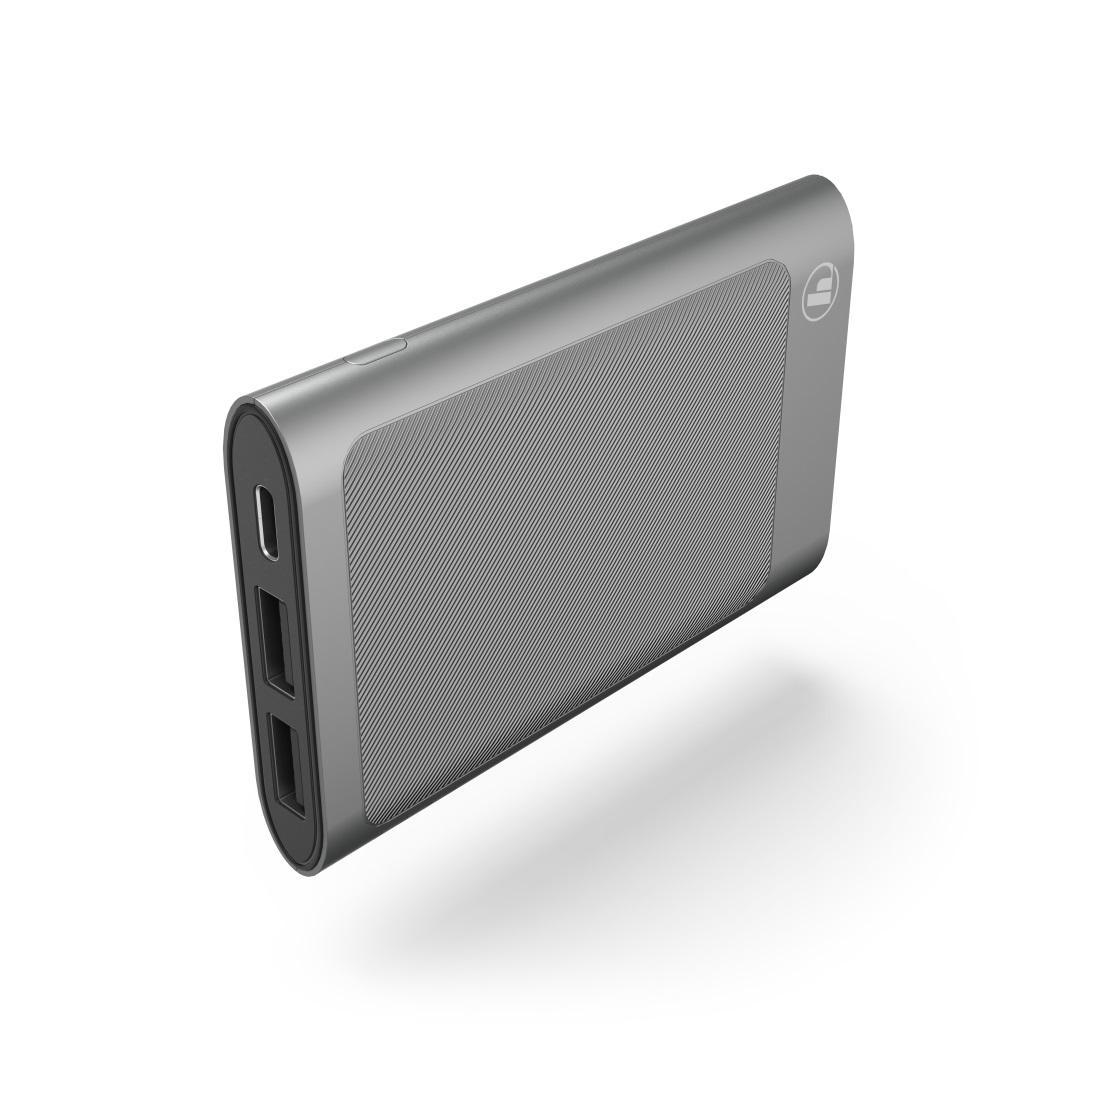 Външна батерия HAMA HD-5, 5000 mAh, USB-C, to go, Сив